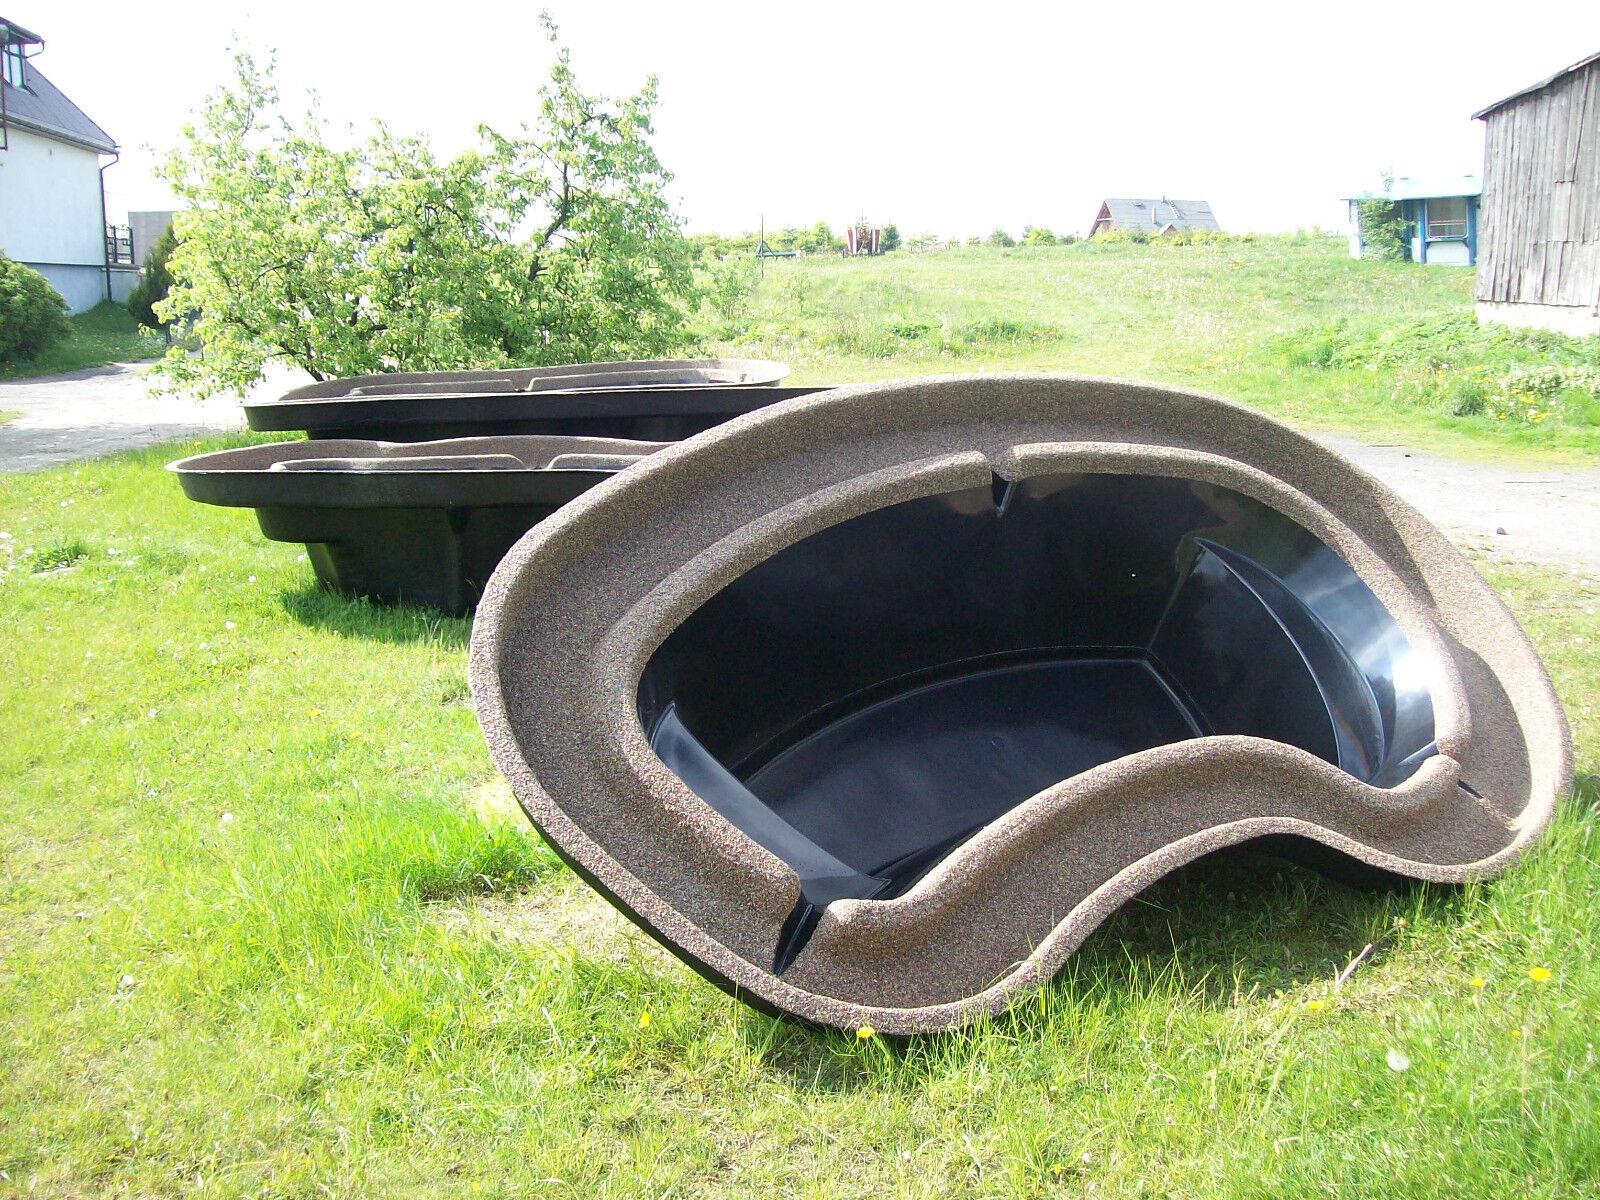 km 2501 gfk koiteich gartenteich becken ca 2500 liter produzent. Black Bedroom Furniture Sets. Home Design Ideas